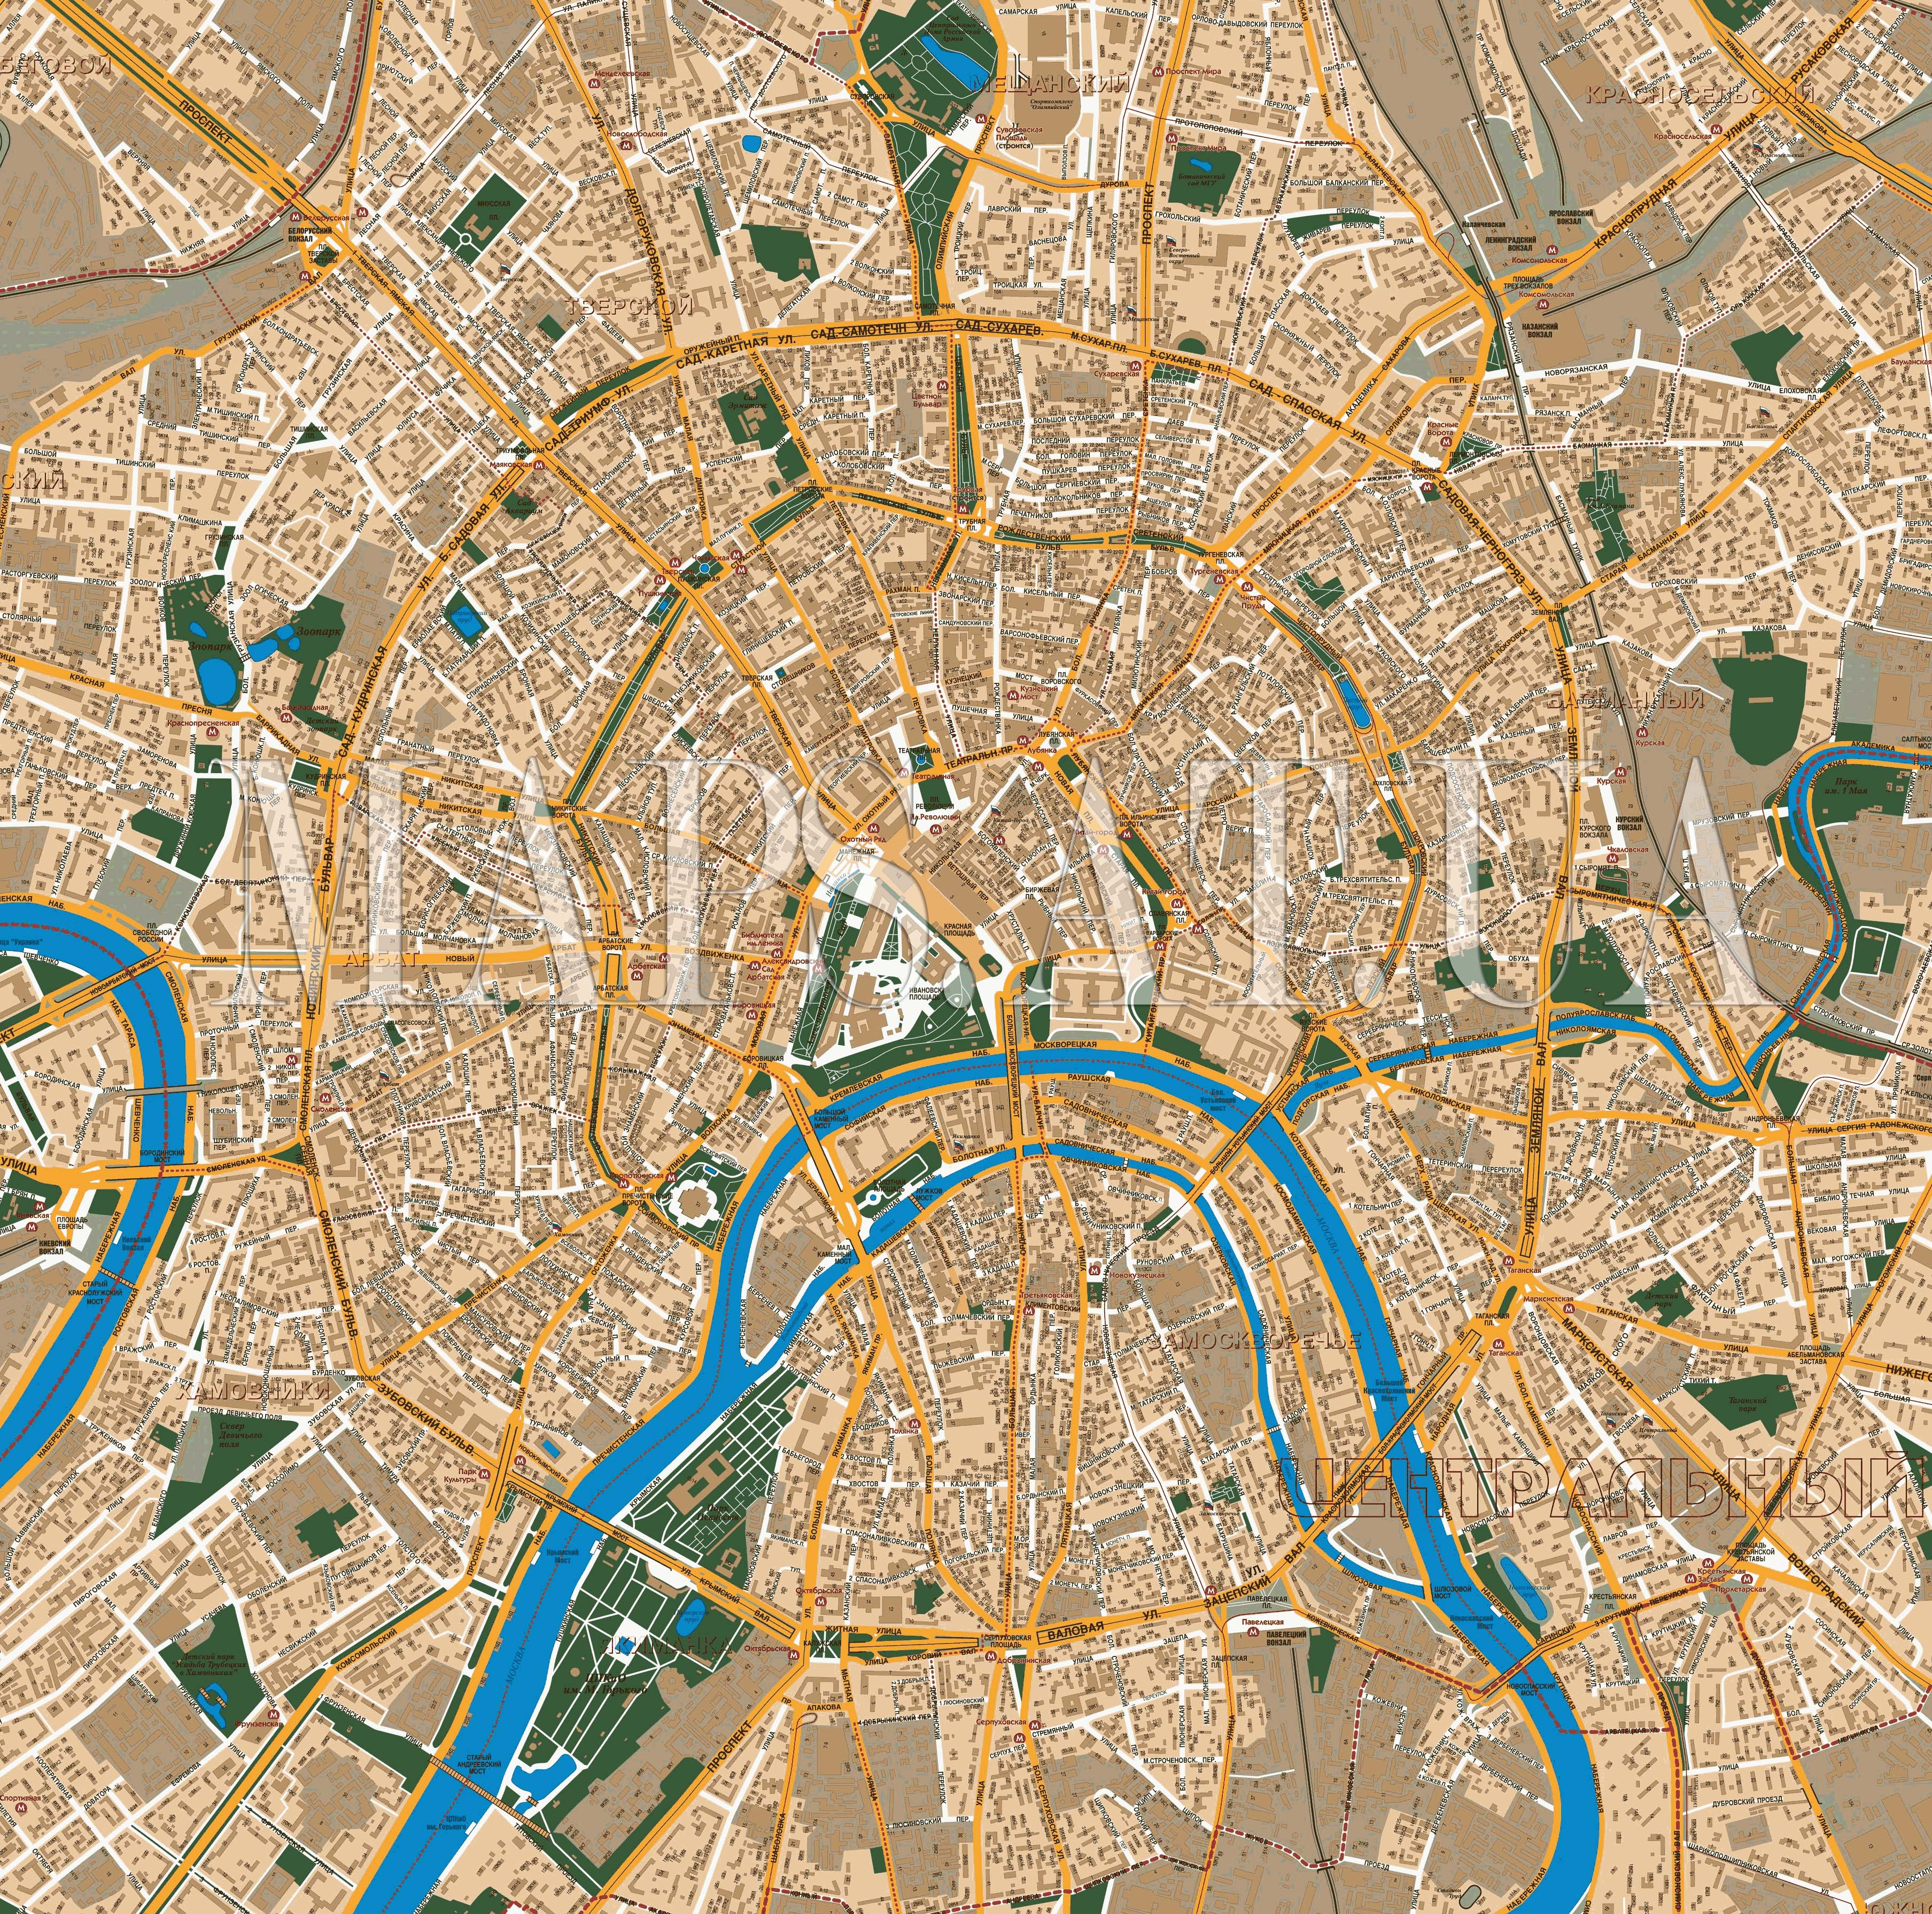 Фото дома на карте москвы